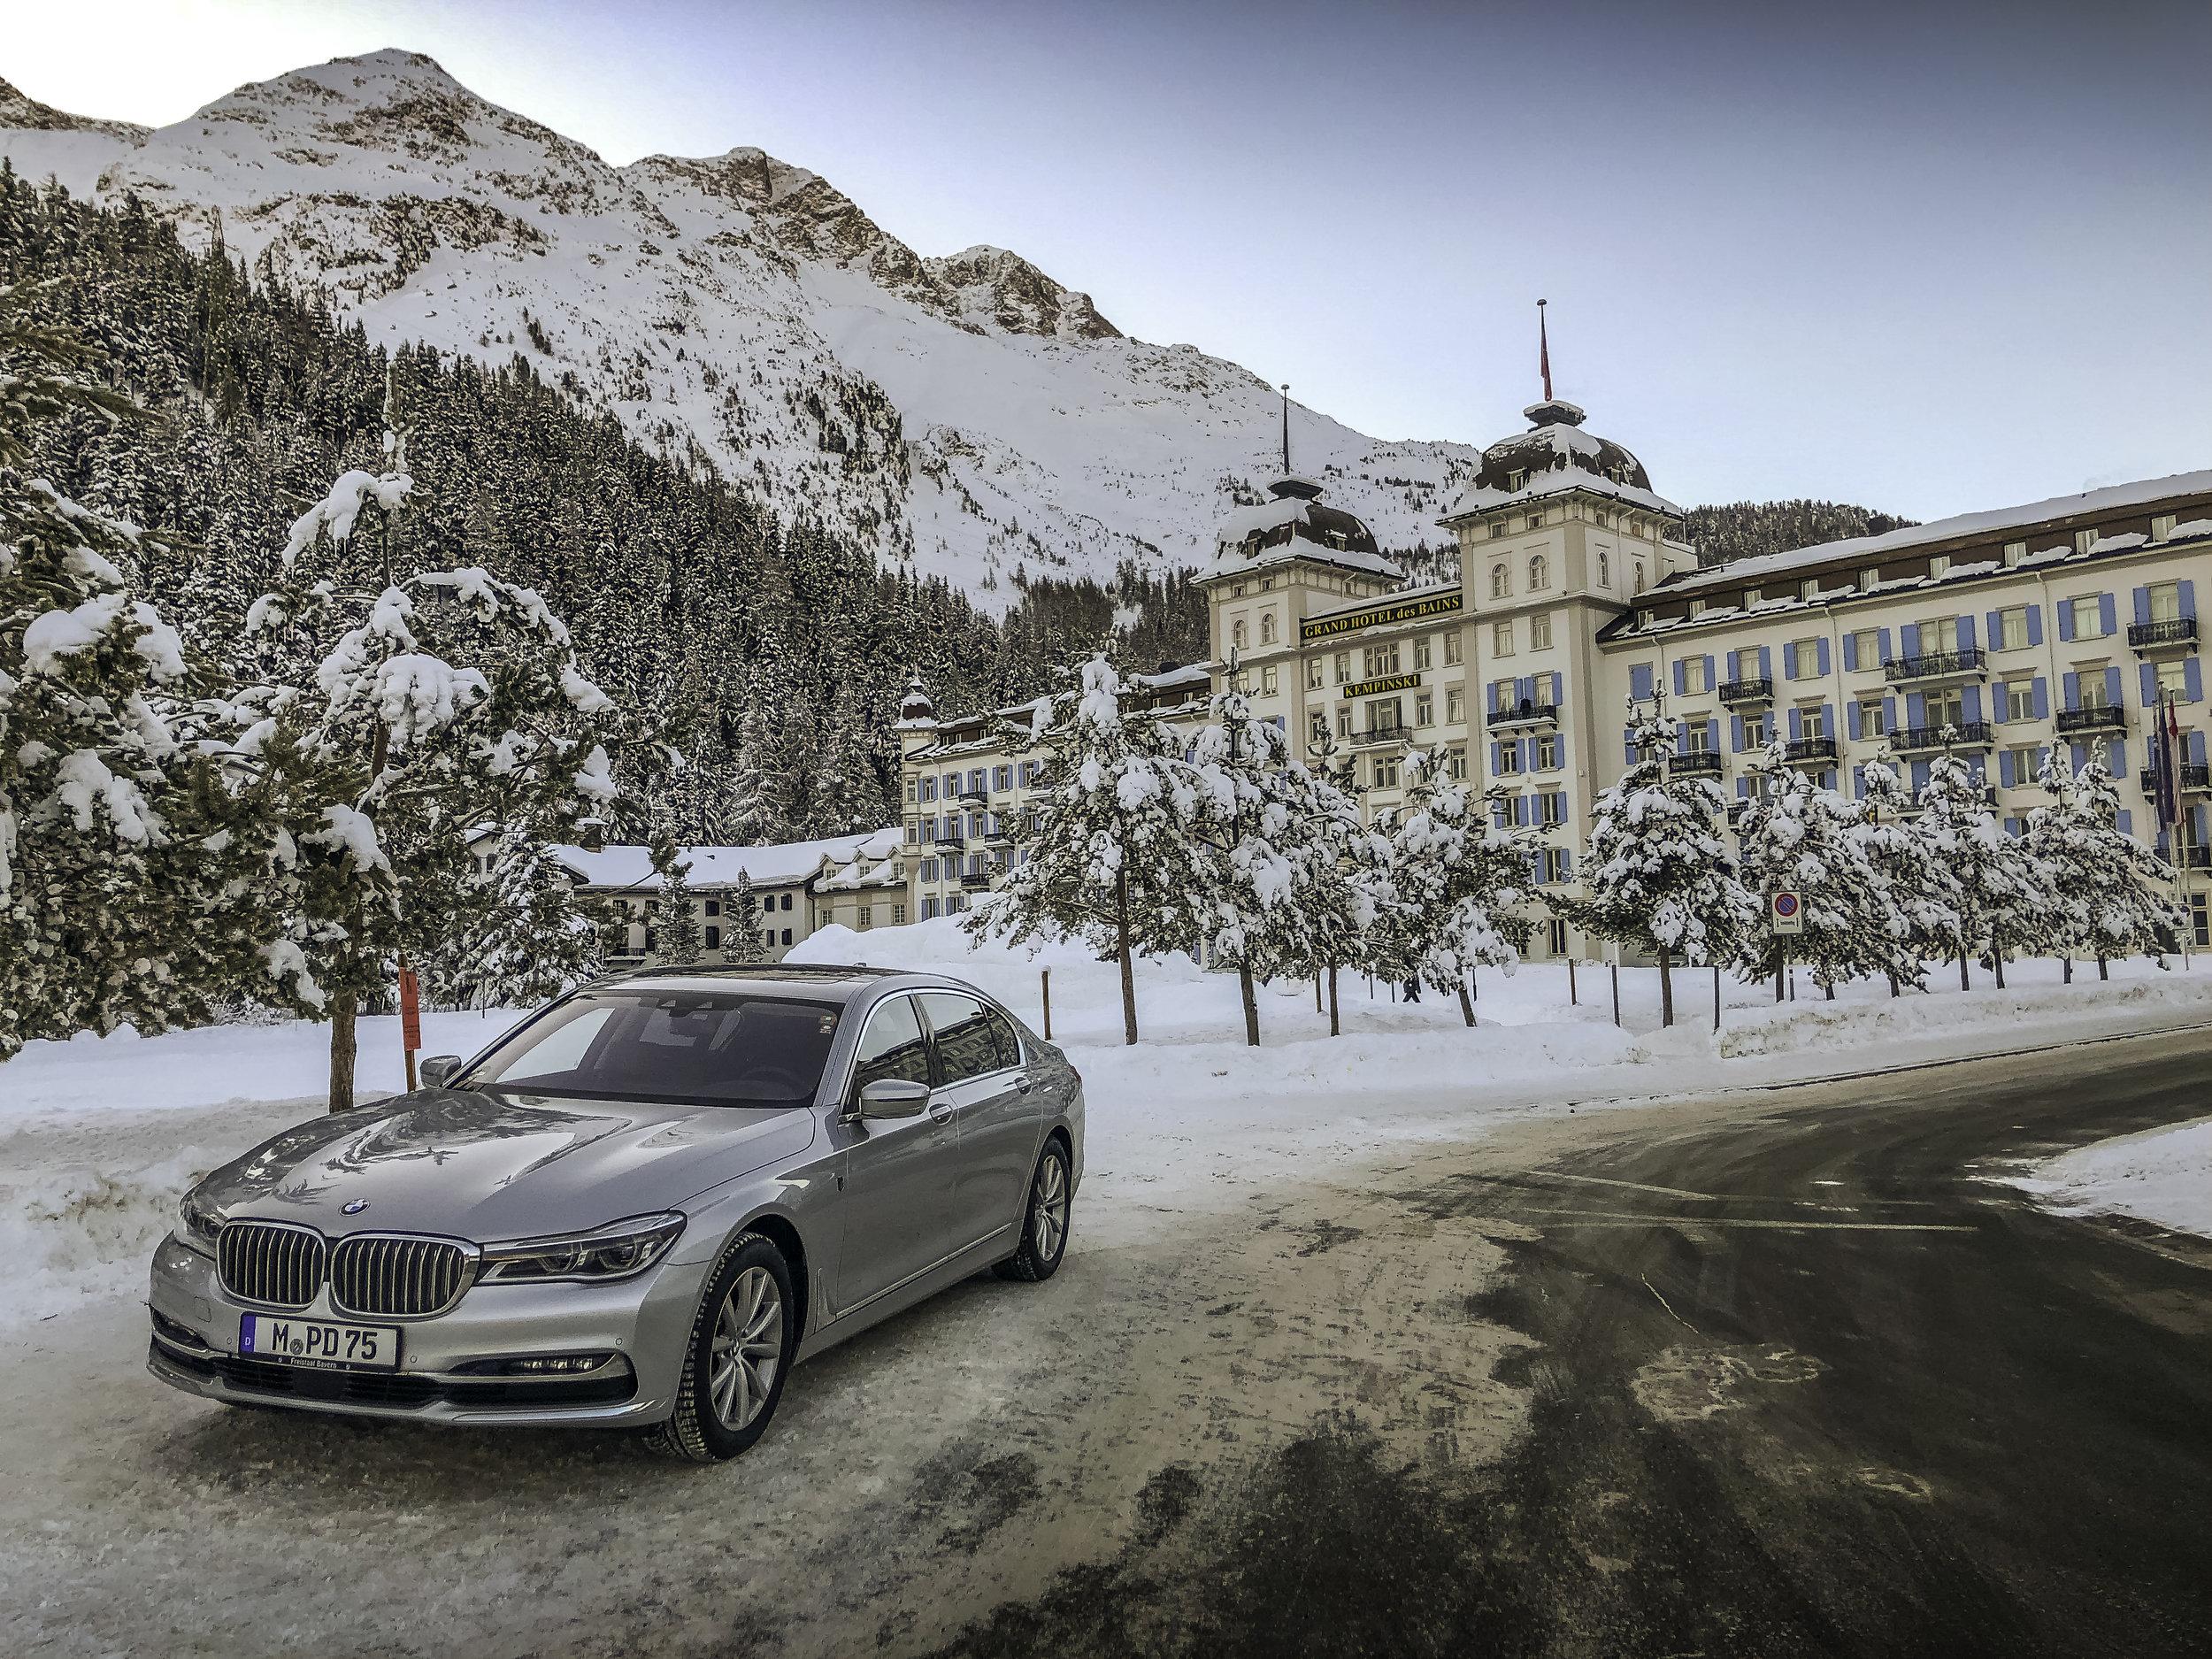 Kempinski Grand Hotel St. Moritz